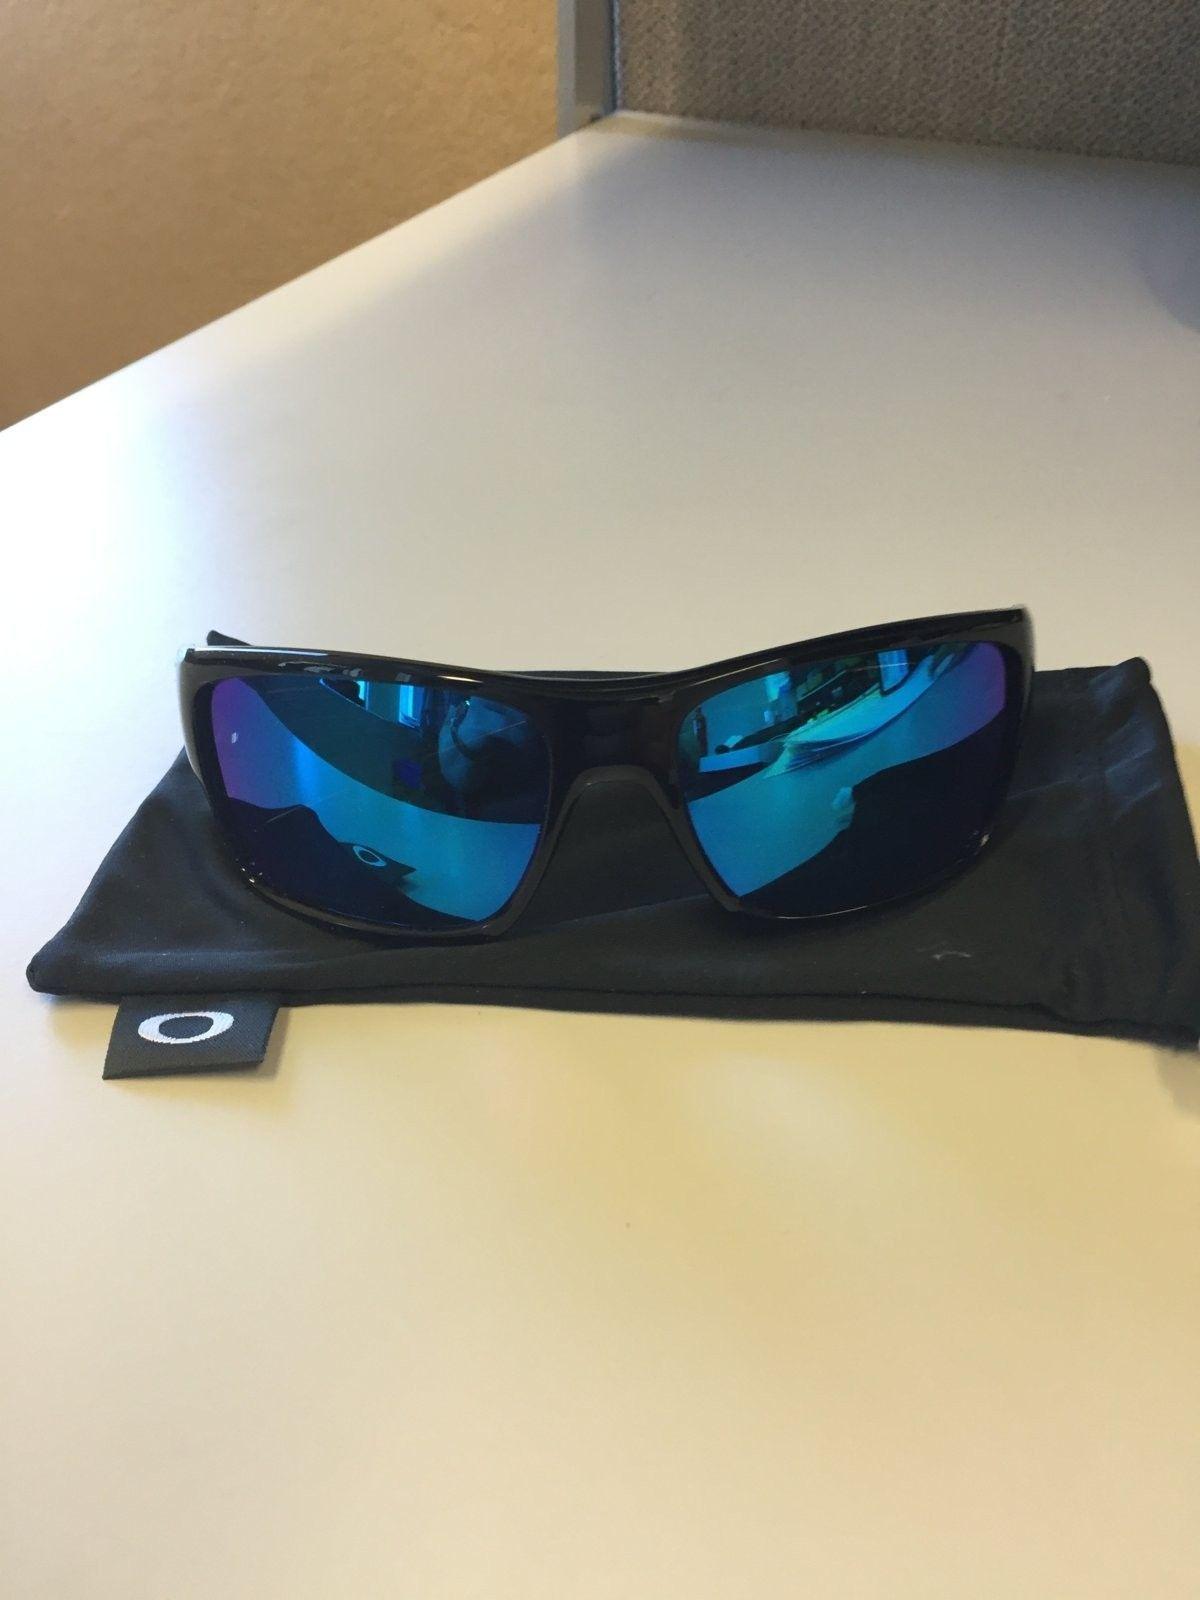 Mint Oakley Turbine Sunglasses Black Ink w/ Sapphire Iridium  $90 All In - IMG_1535.JPG